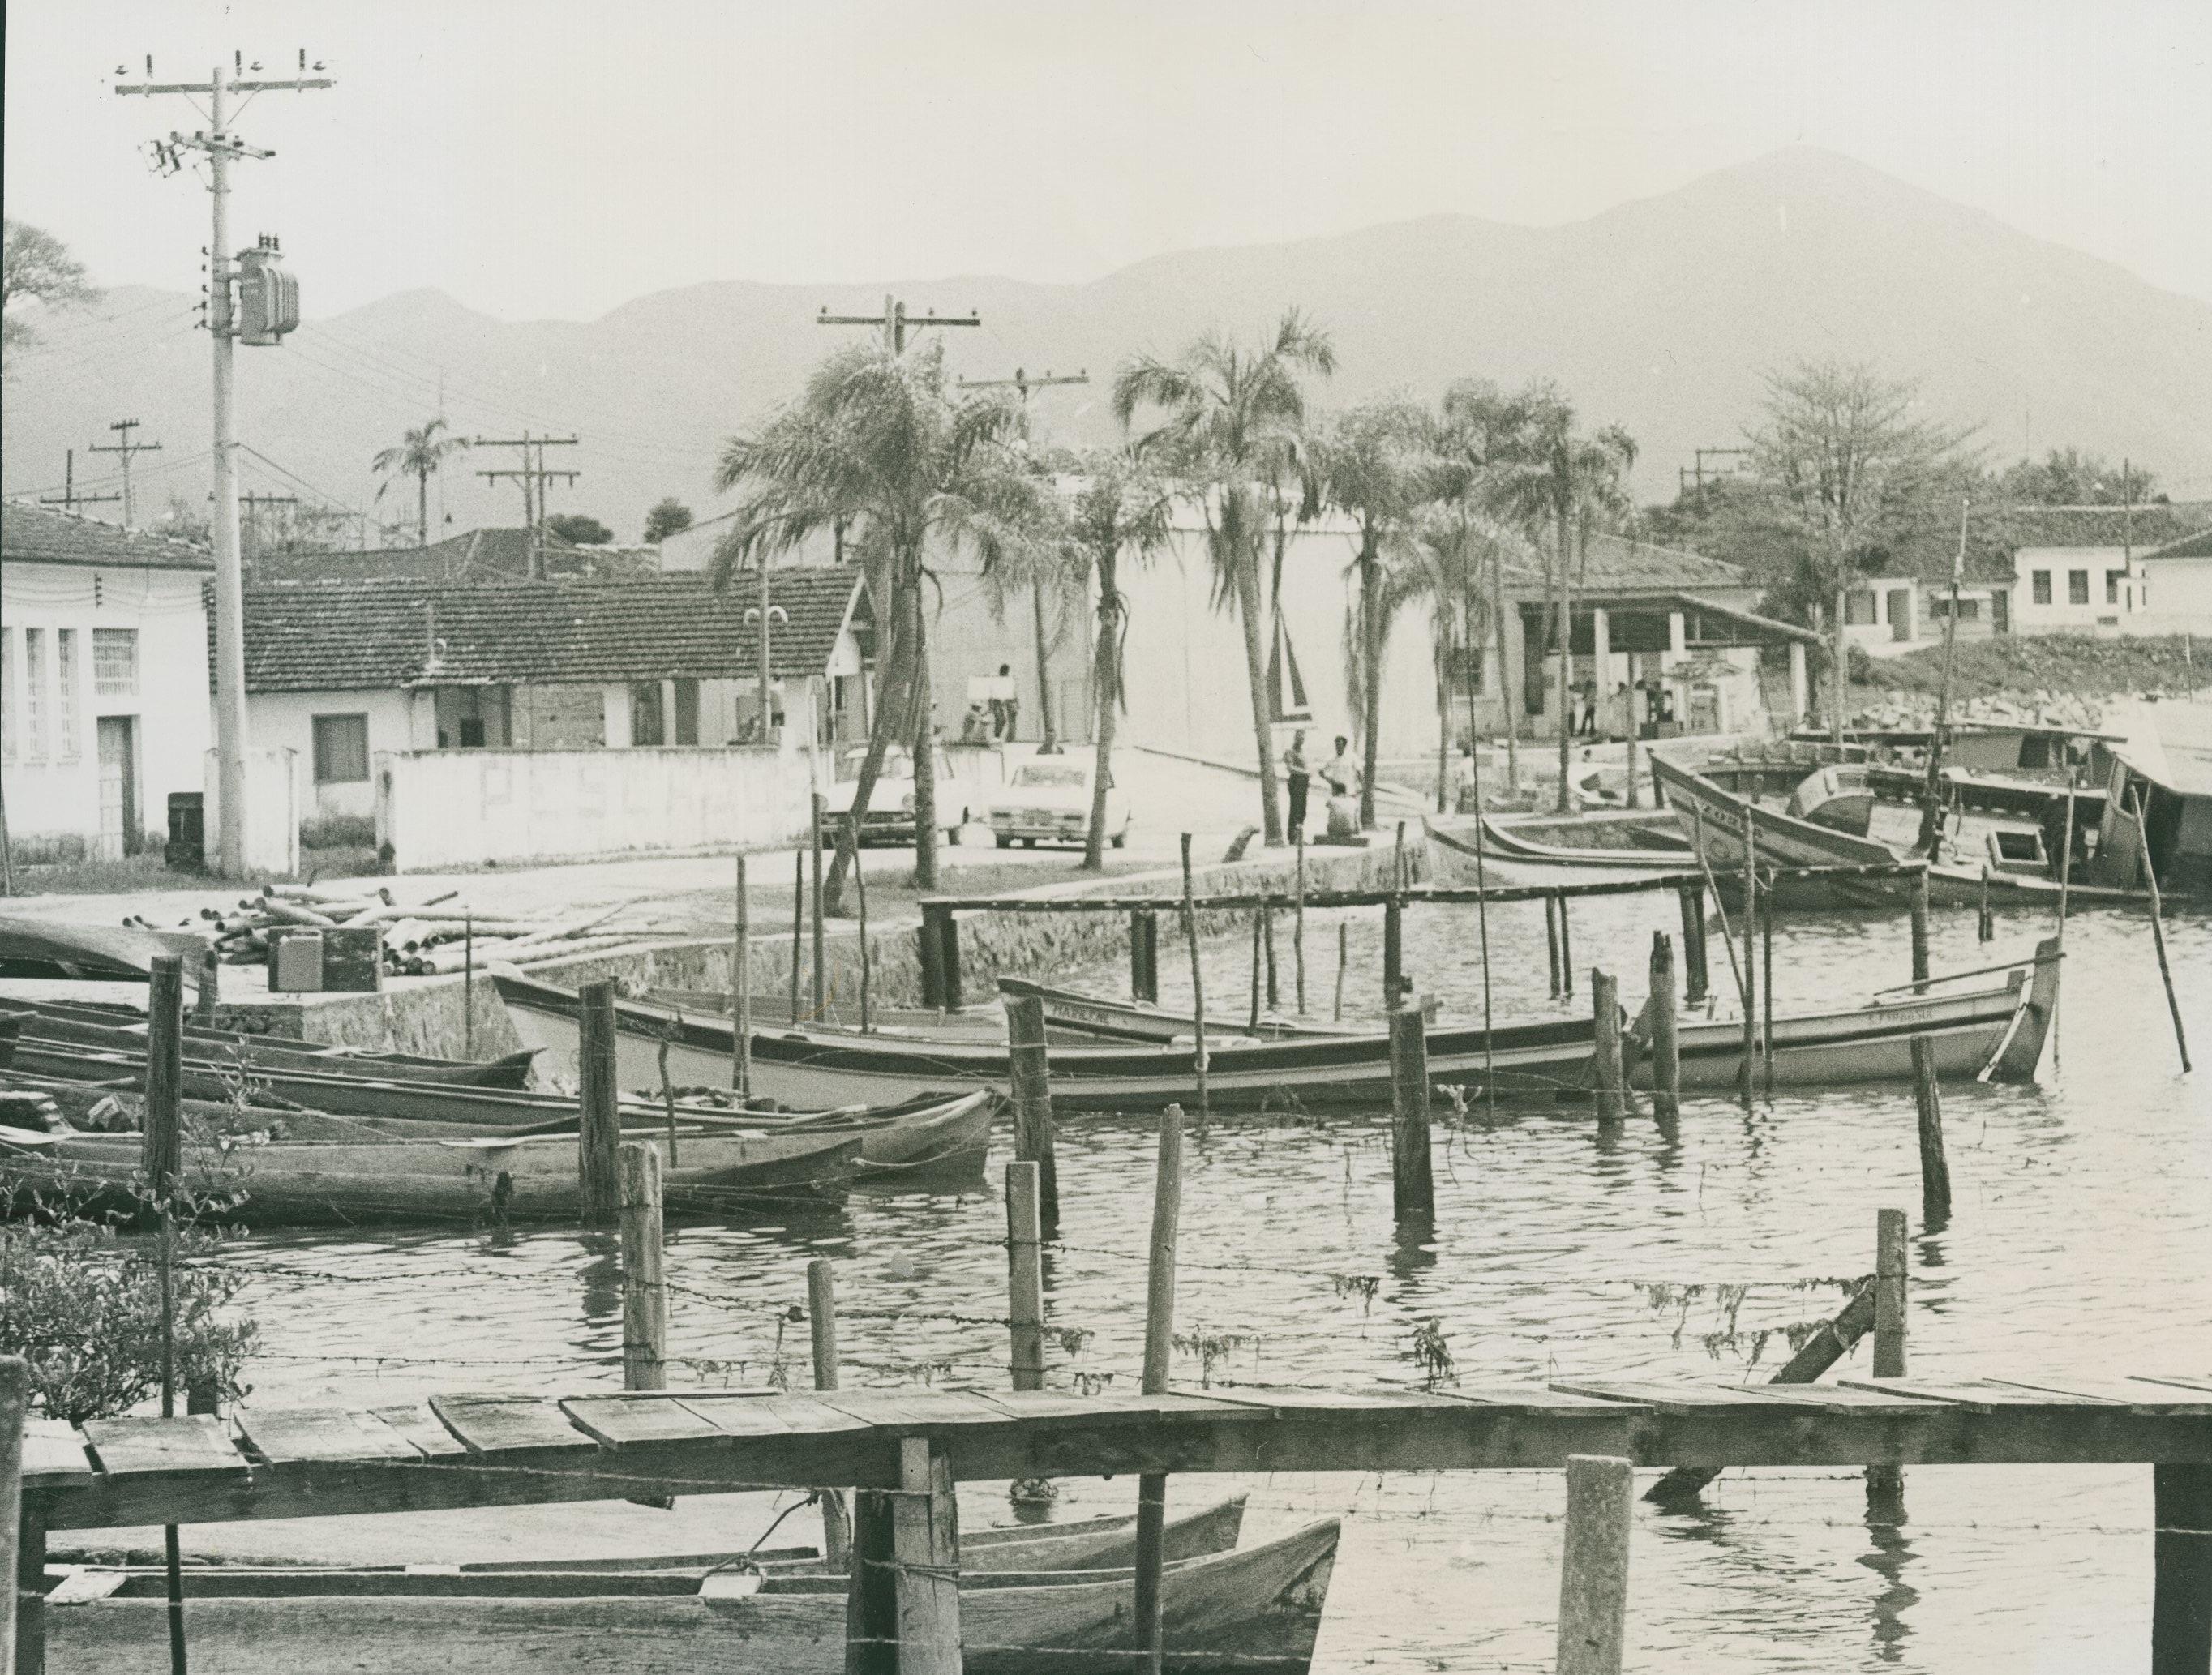 Primeiras MISSÕES_Porto de pescadores_Denise Abrantes Banho_Cananéia_1972_ Acervo MIS